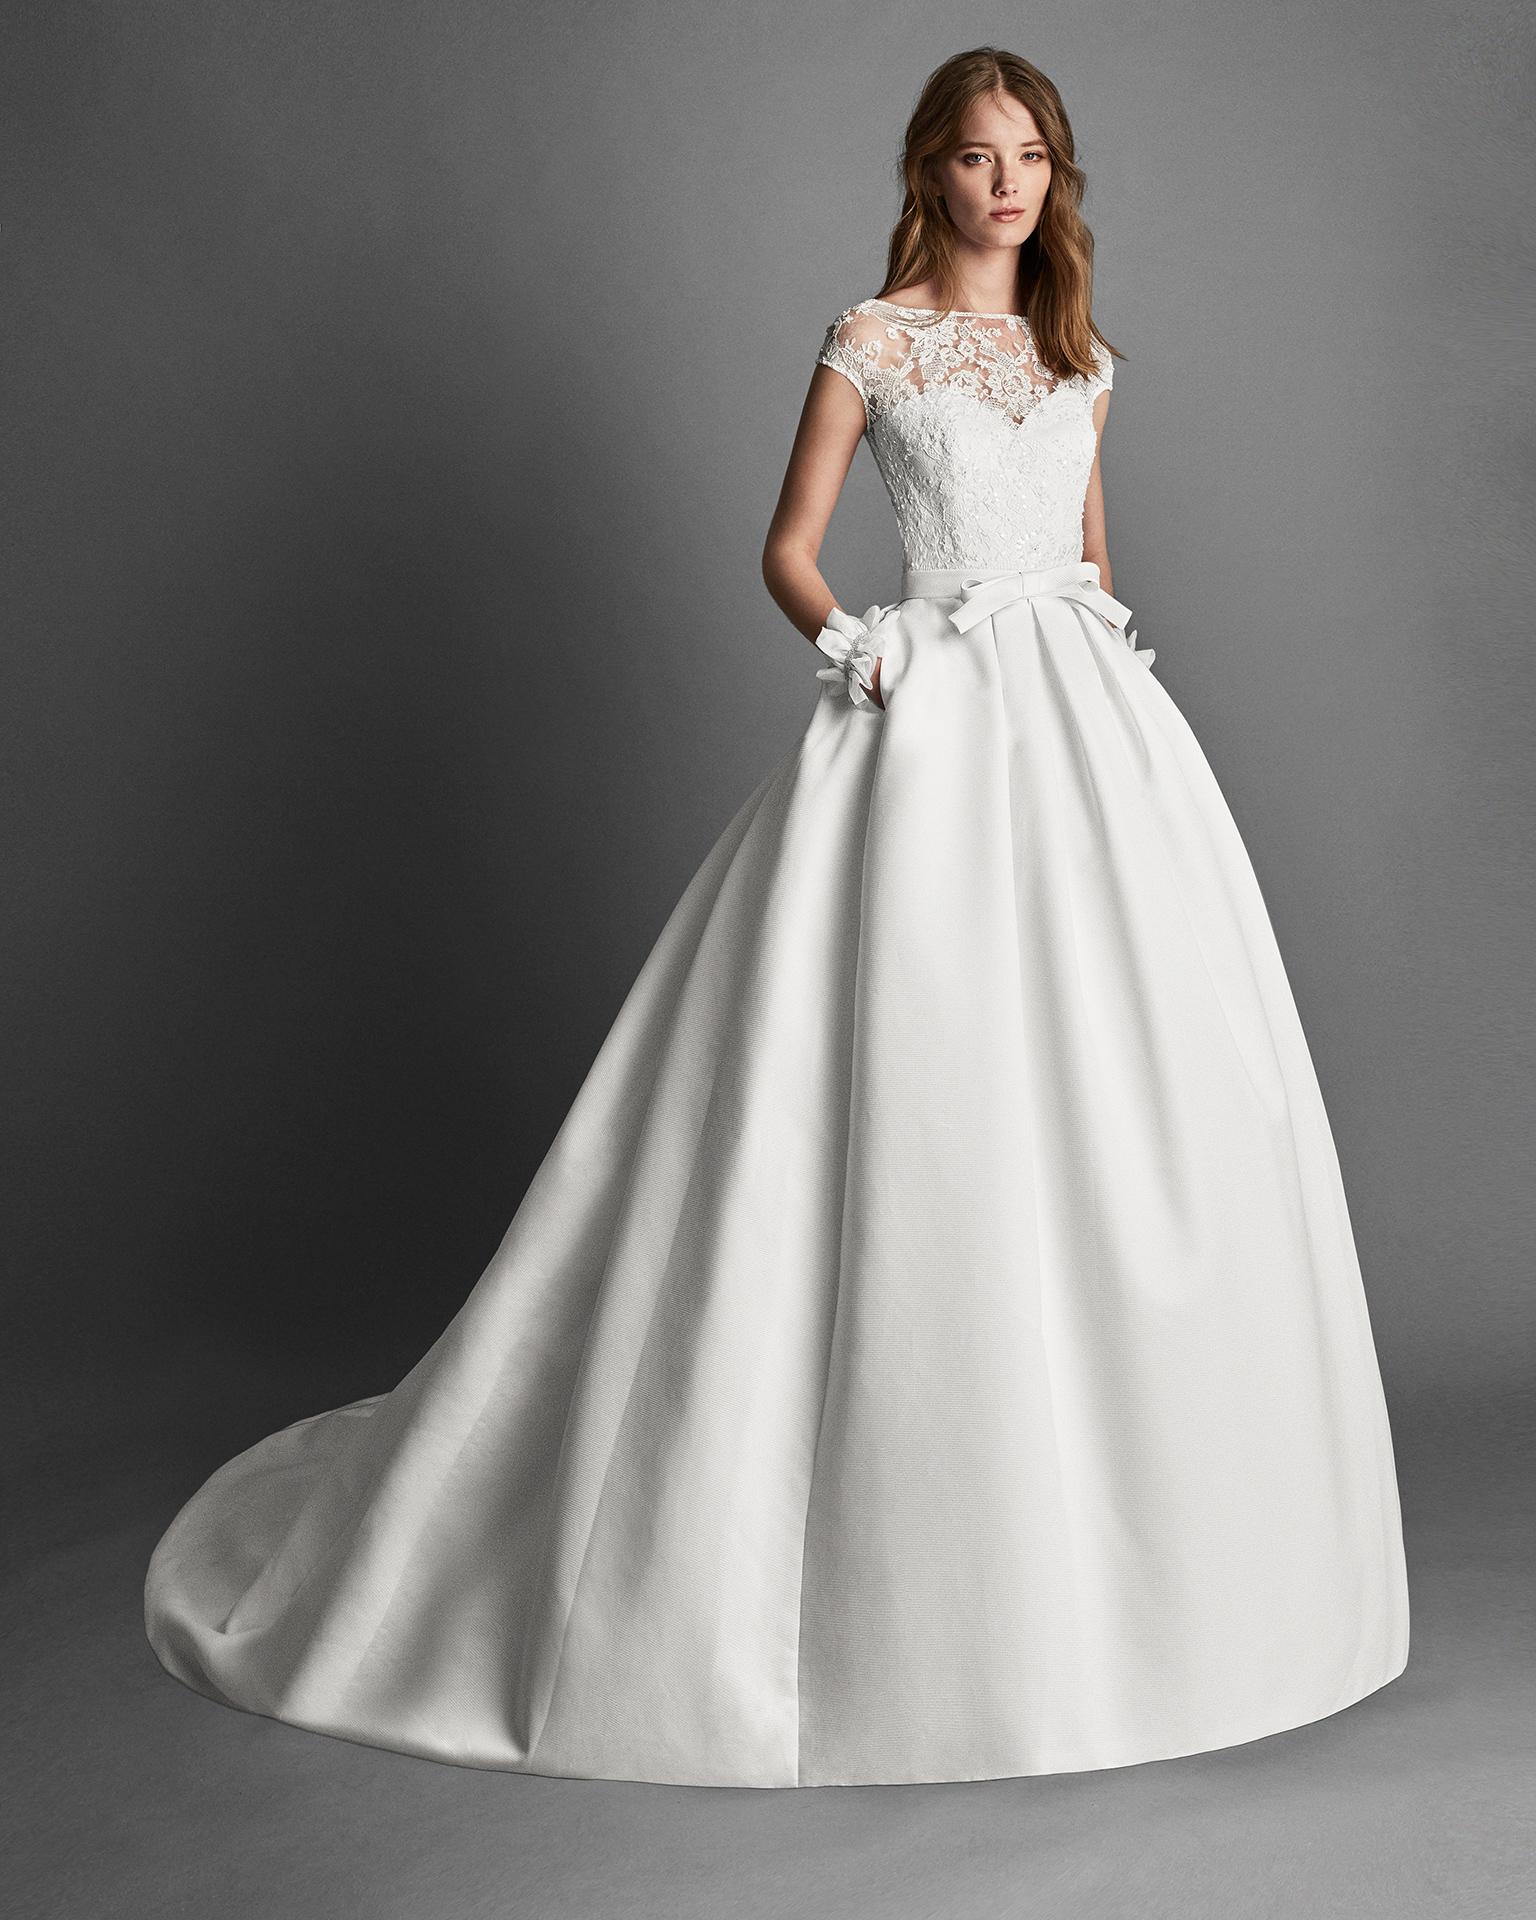 Vestido de novia estilo clásico de ottoman y encaje pedrería de manga corta. Escote barco con bolsillos en color marfil.